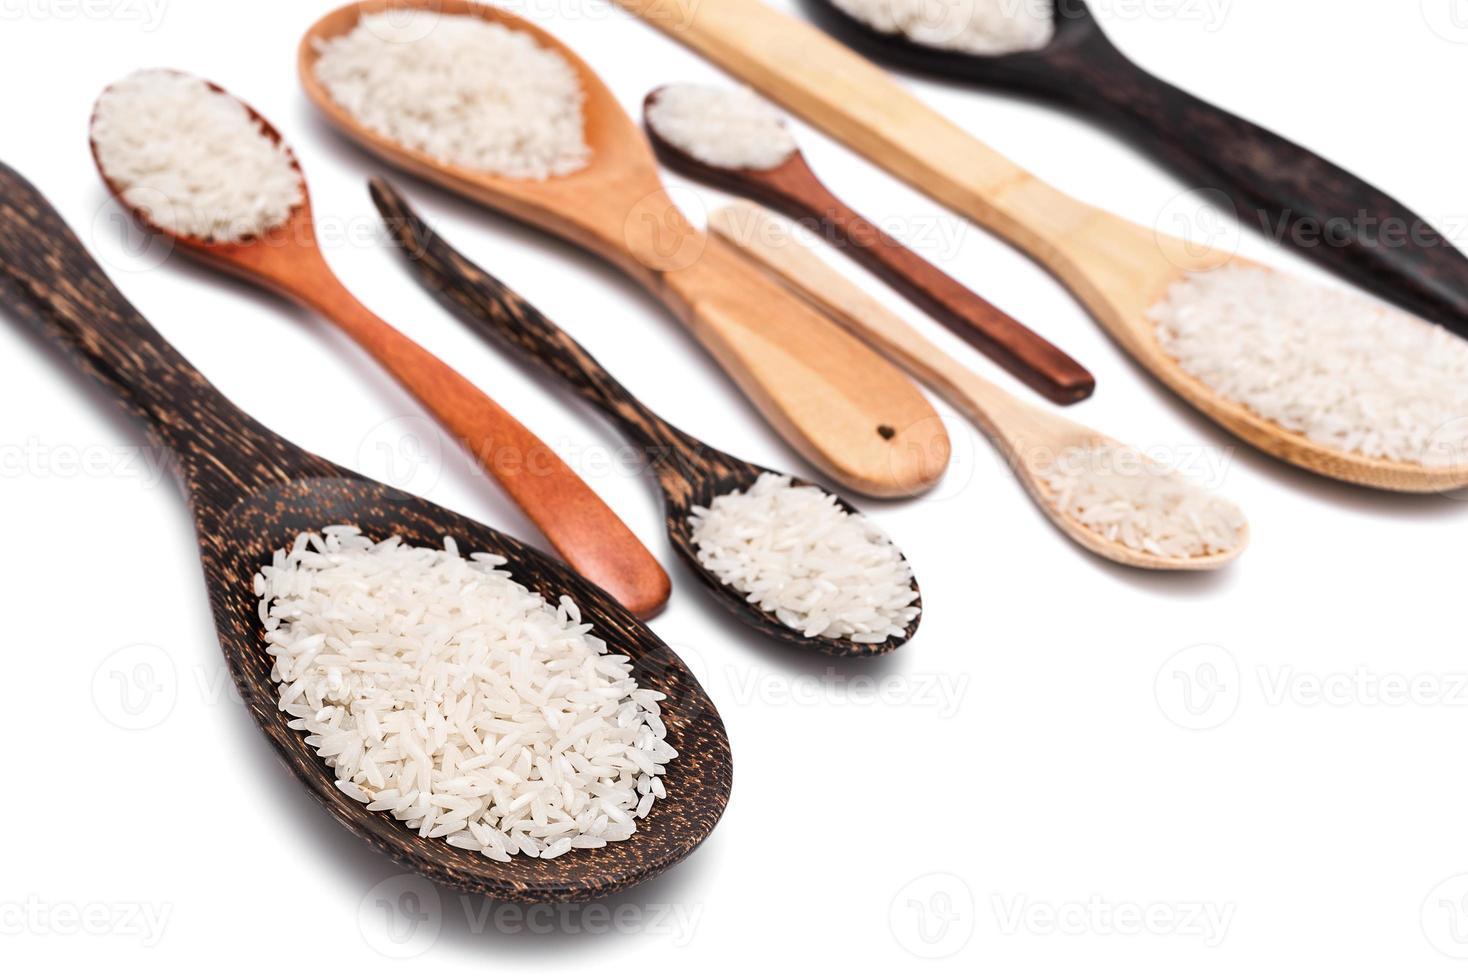 uppsättning olika träskedar med vitt ris foto